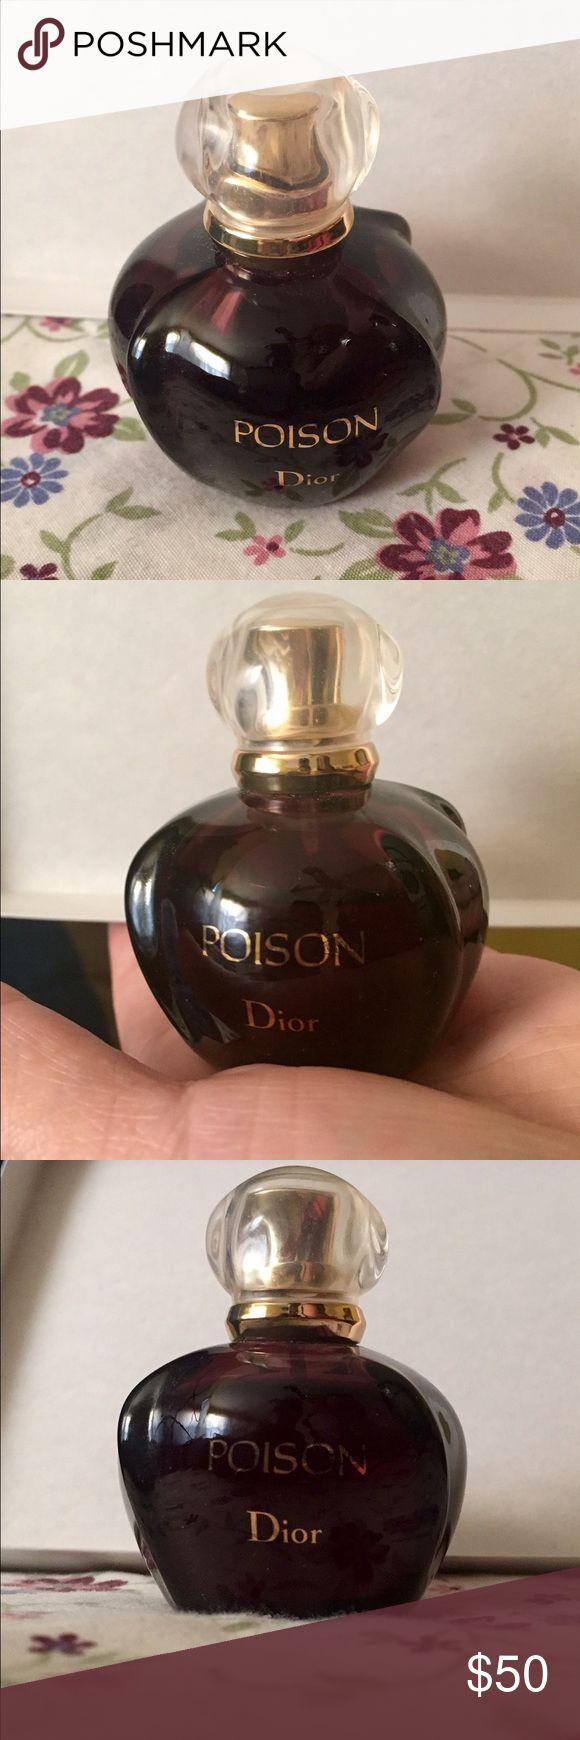 Vintage Dior Poison Reviews | Ville du Muy